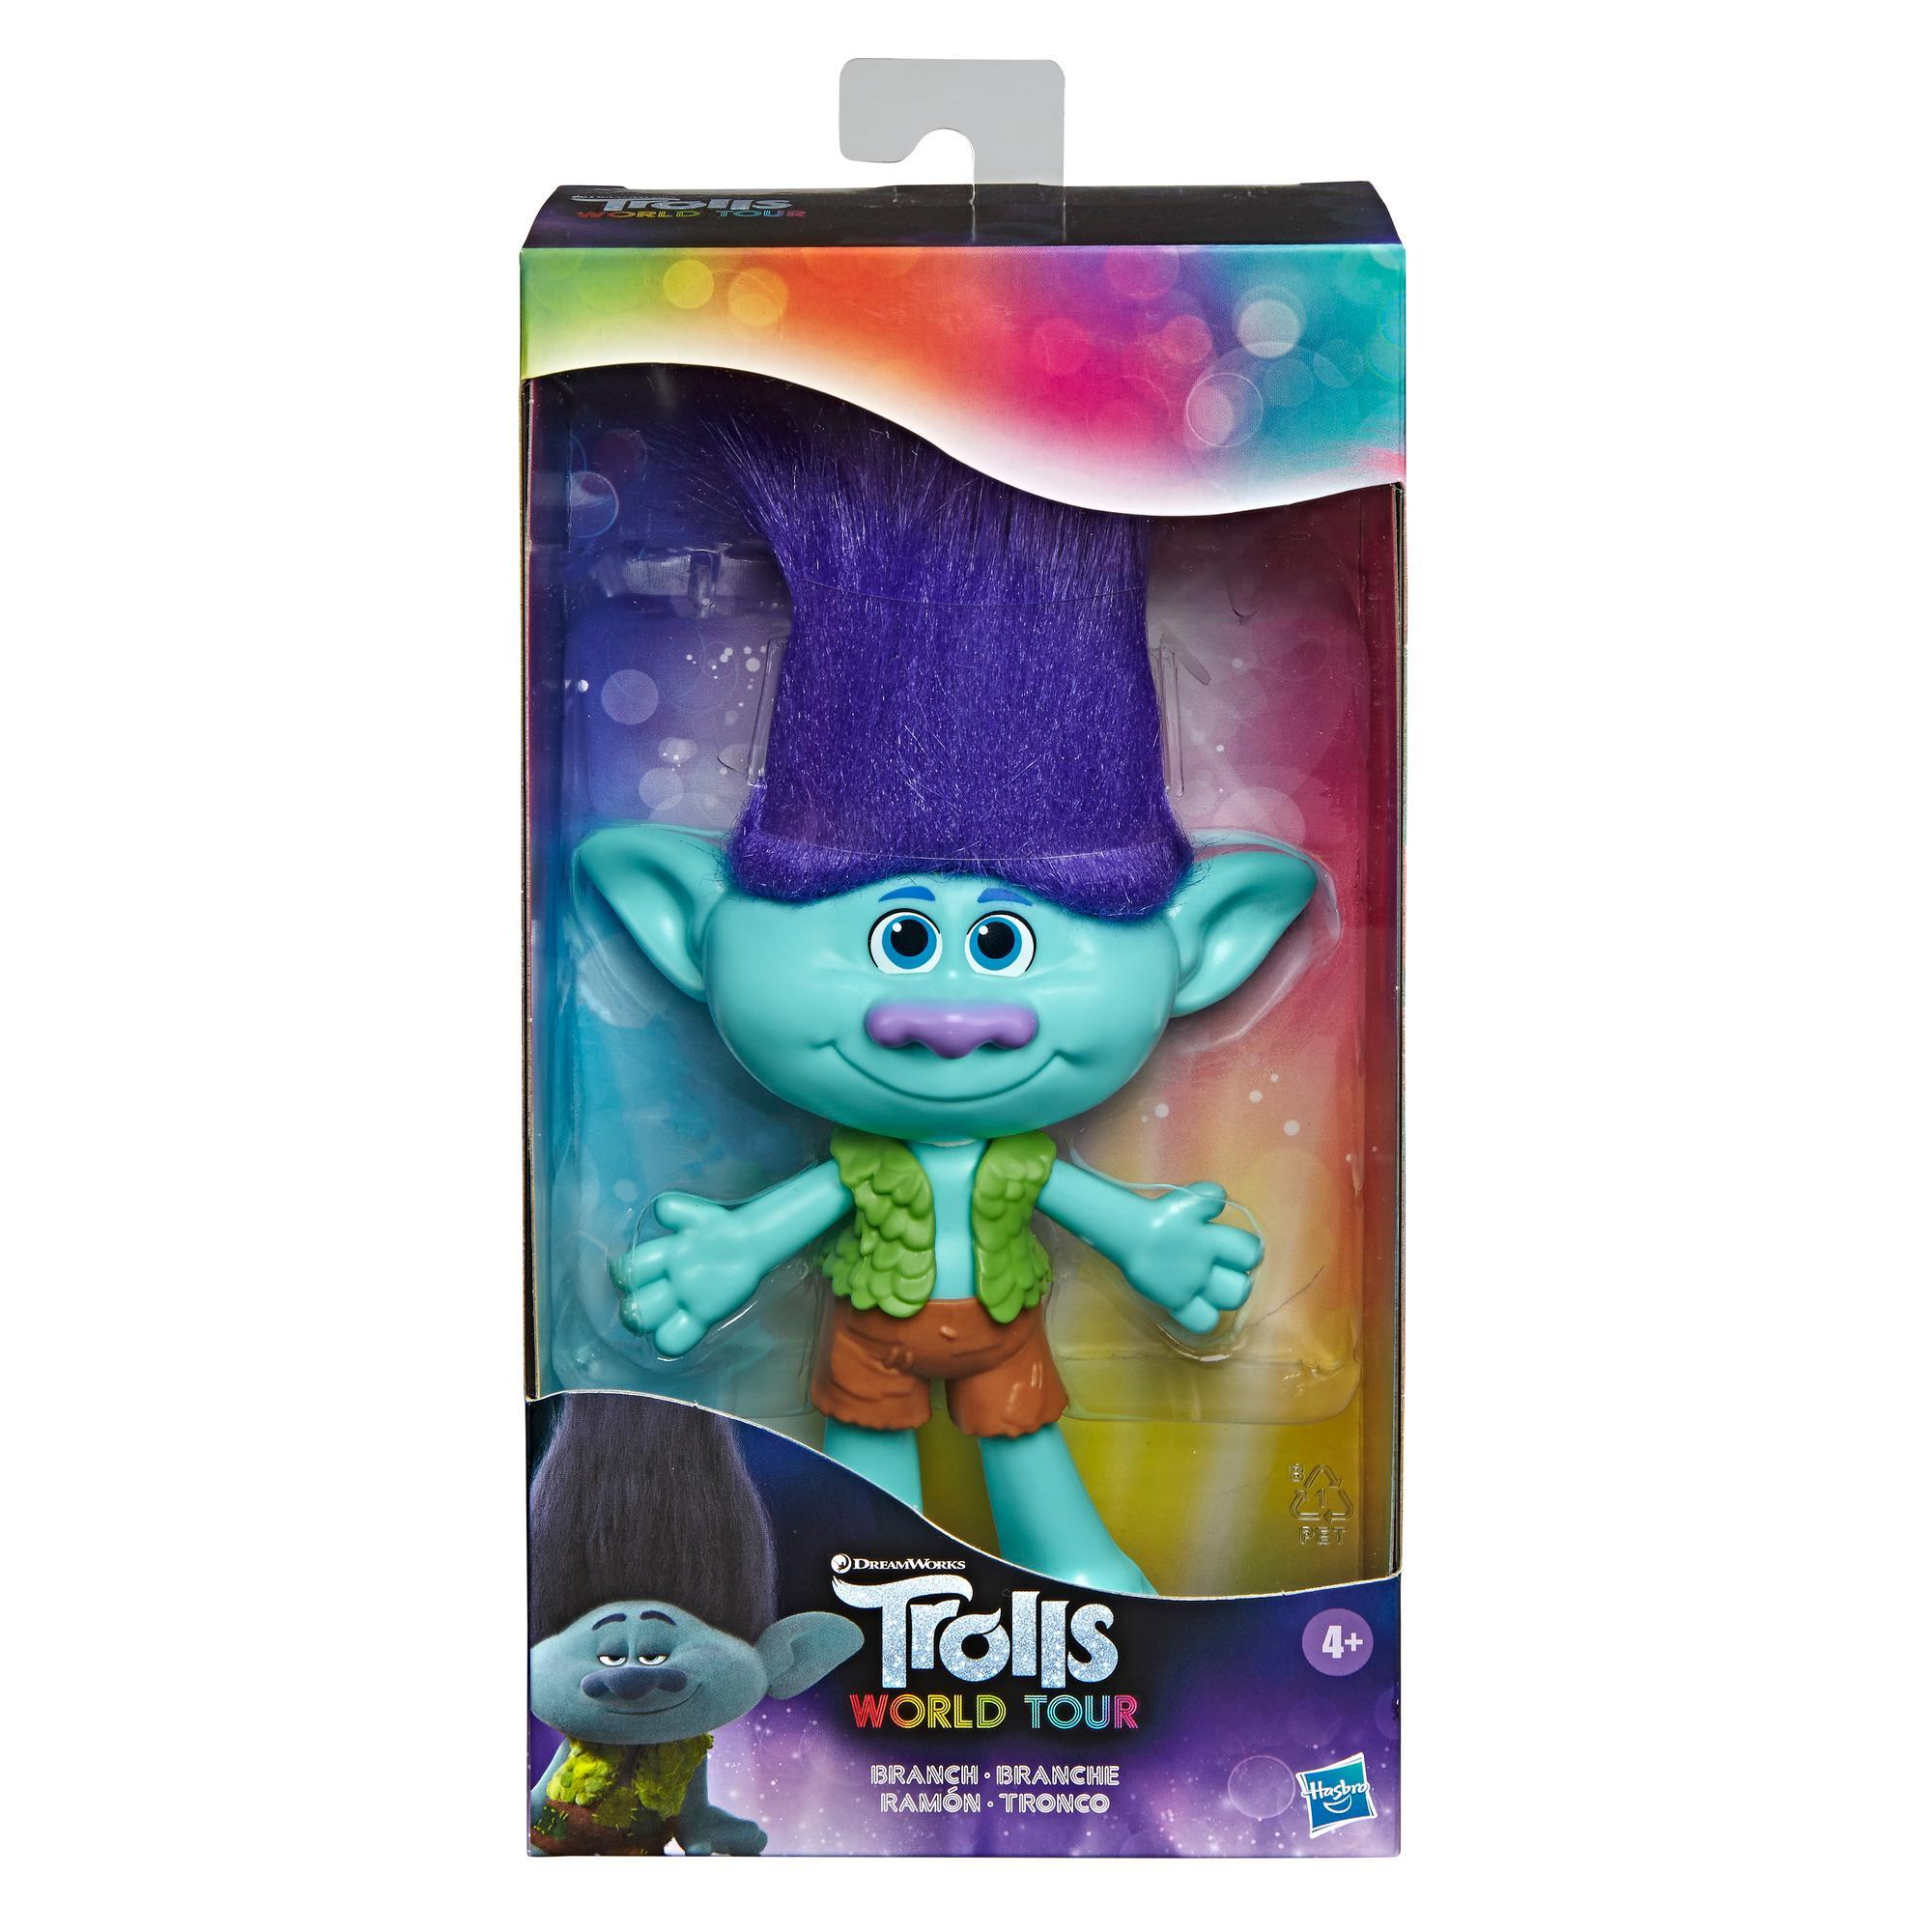 DreamWorks Trolls Tronco com colete e bermuda removíveis, com inspiração no filme Trolls World Tour, brinquedo para crianças acima de 4 anos